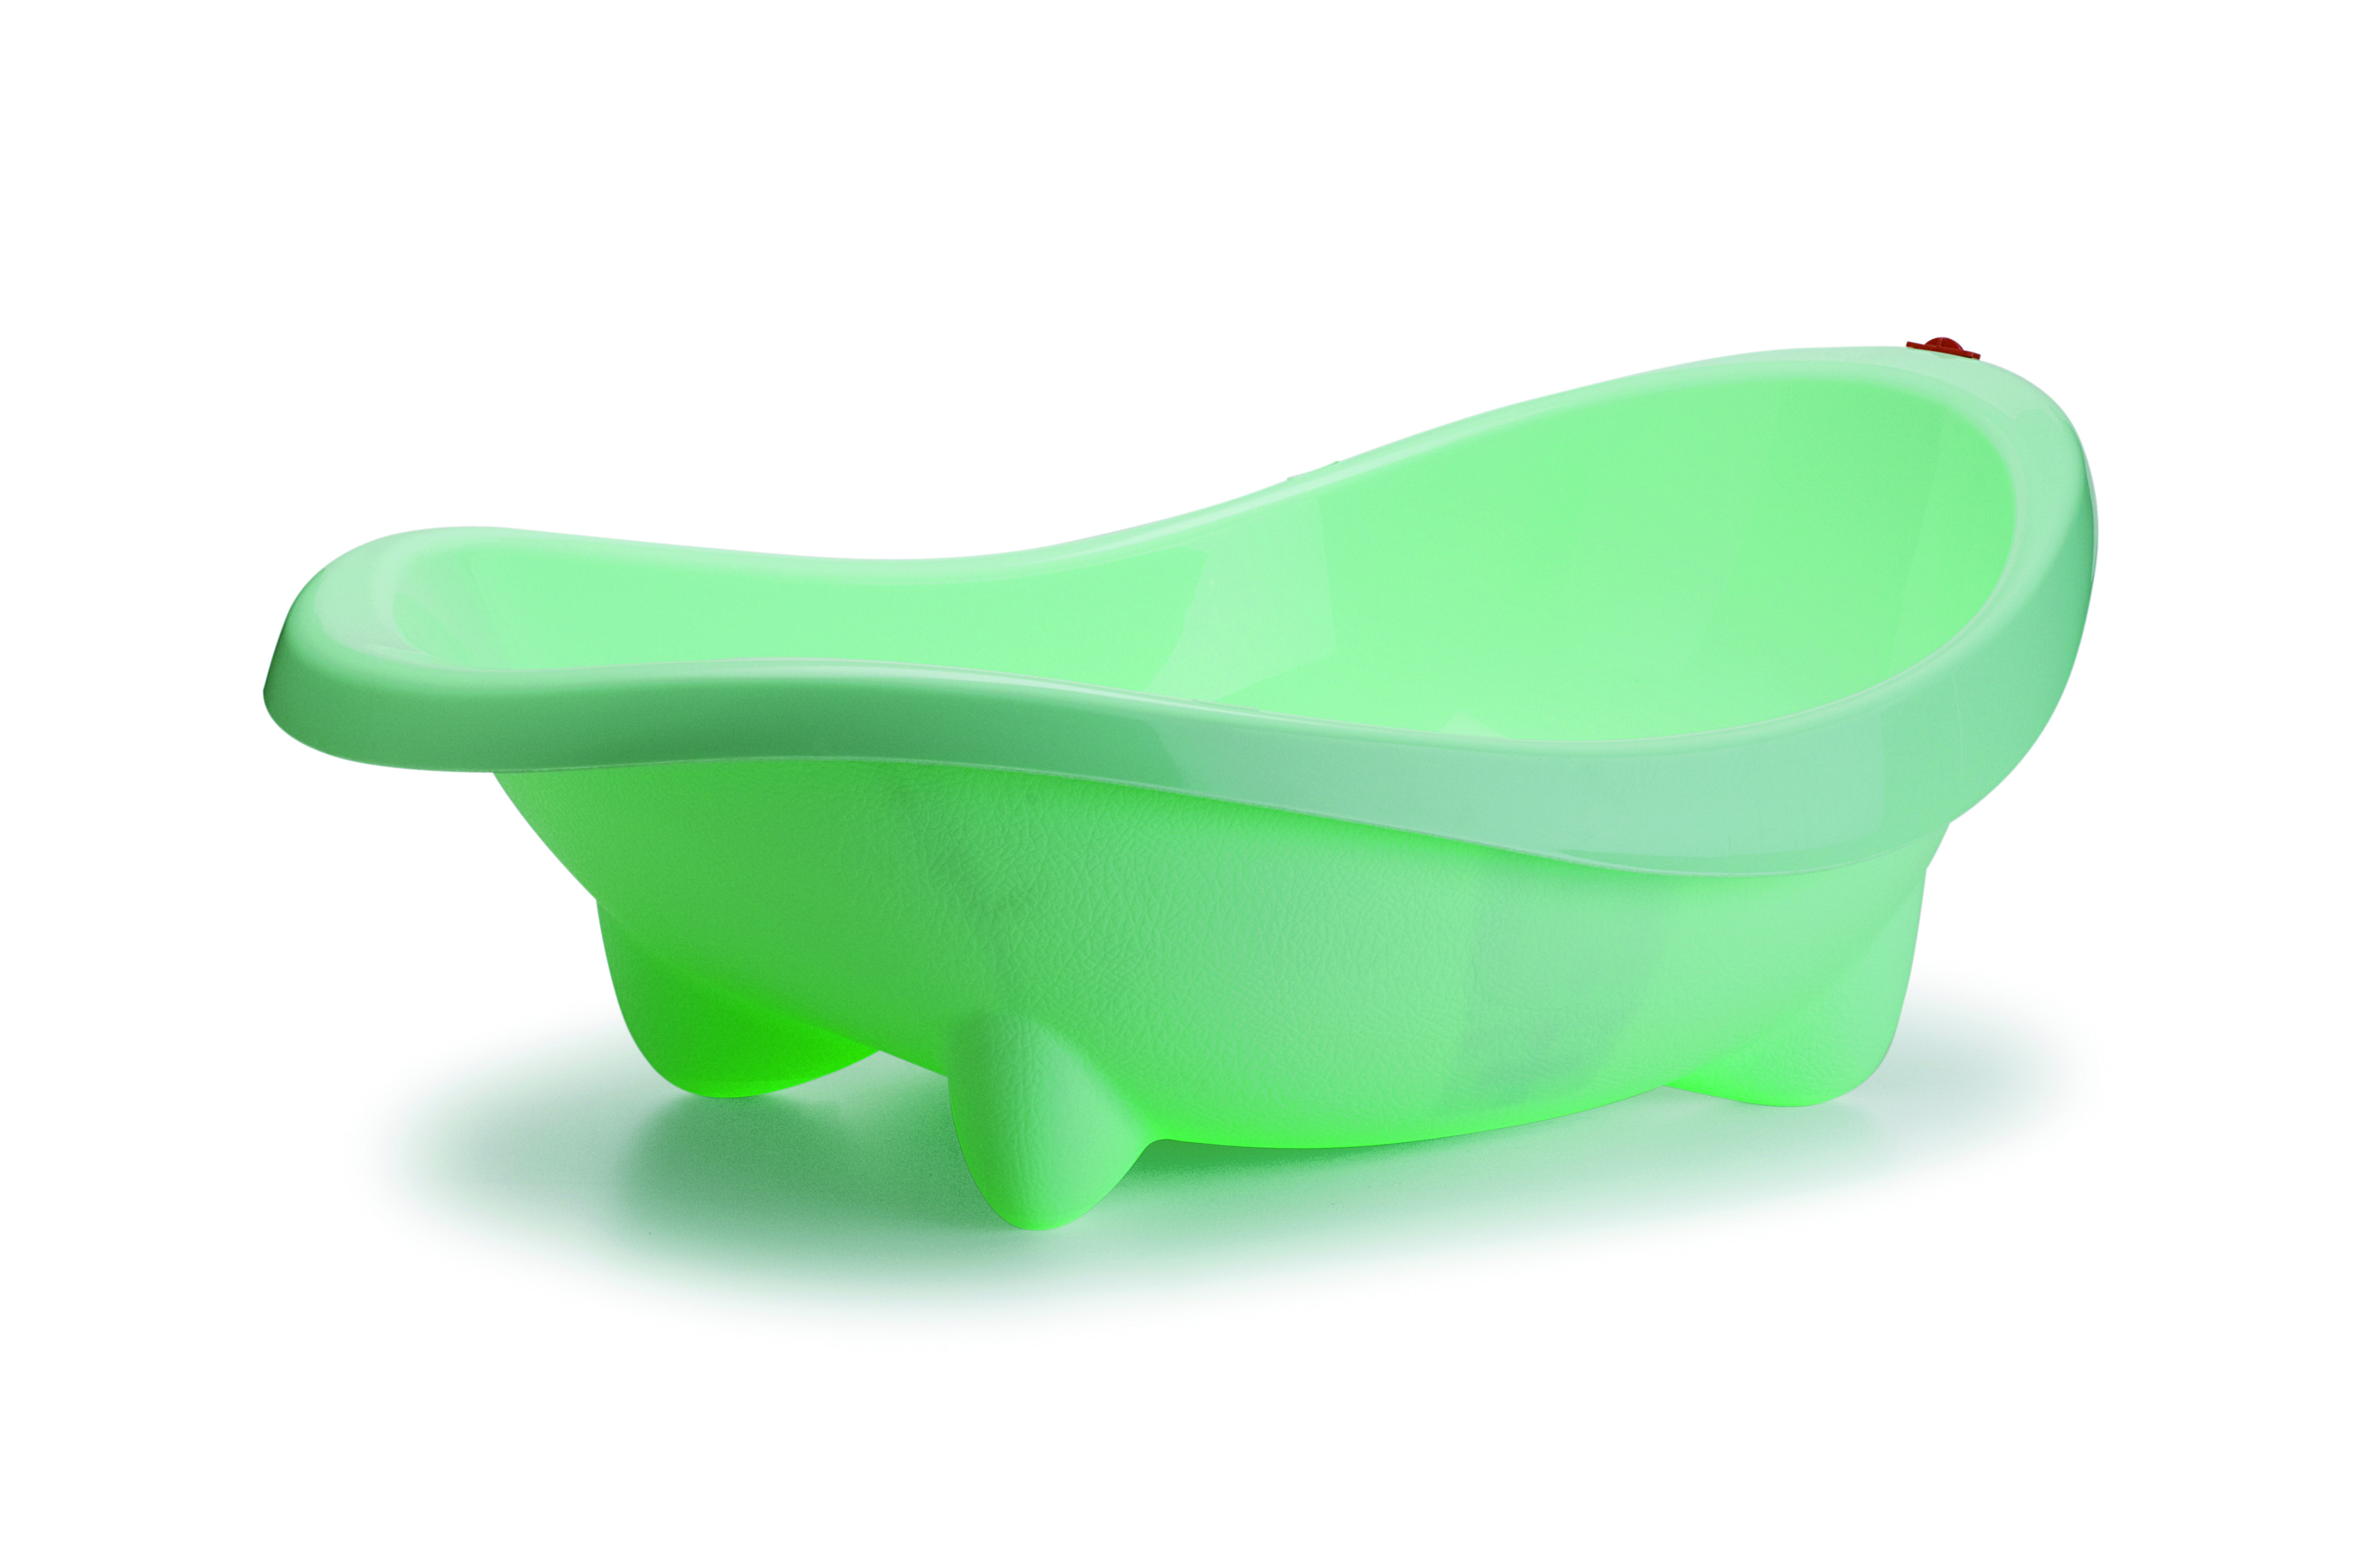 Plafoniere Per Bagno Ikea : Plafoniere bagno ikea interno di casa smepool